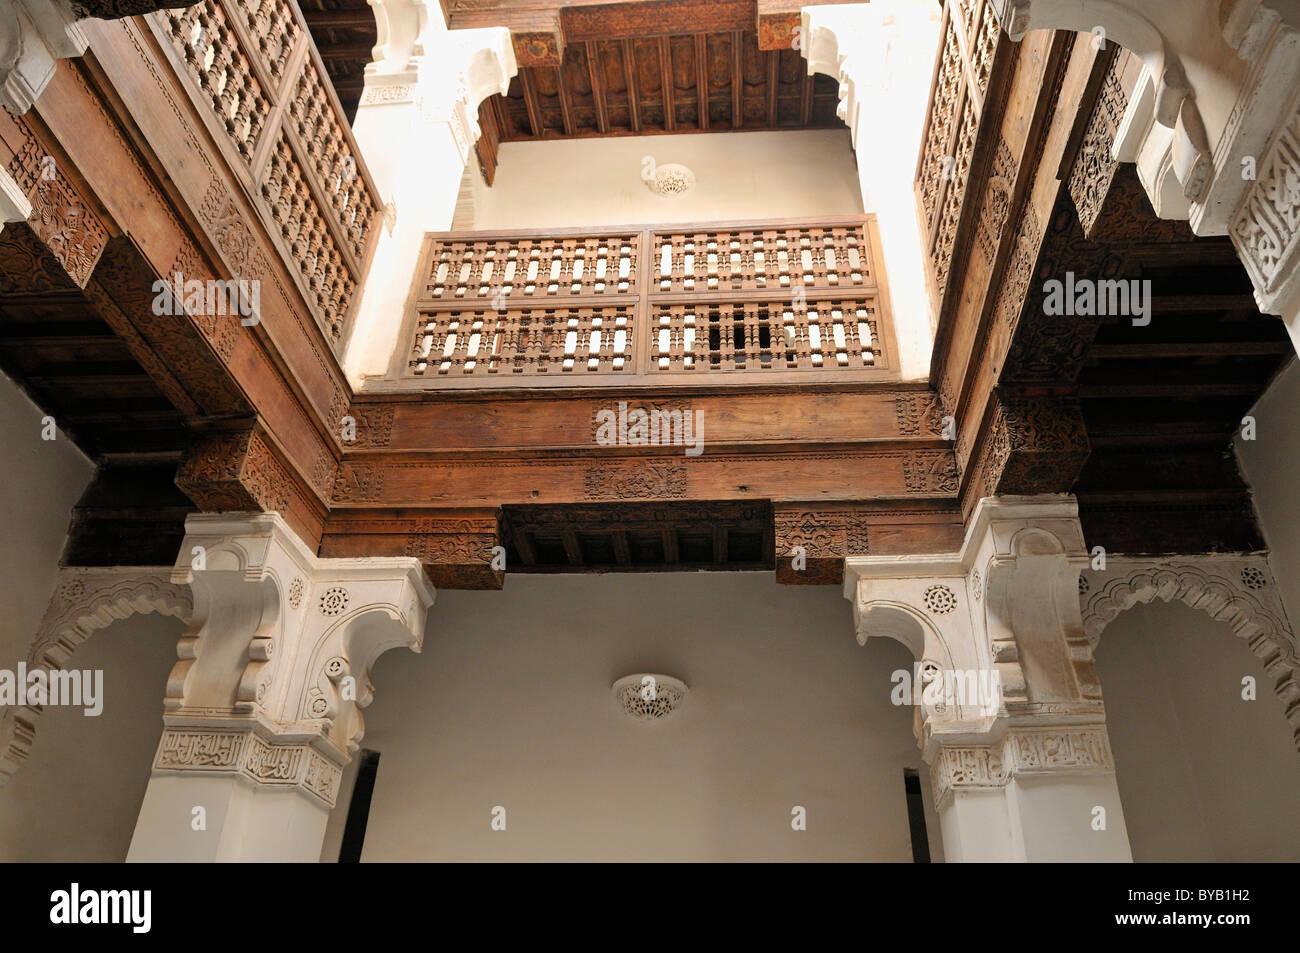 Marrakech Decoration D Interieur décoration d'intérieur de la medersa ben youssef à marrakech